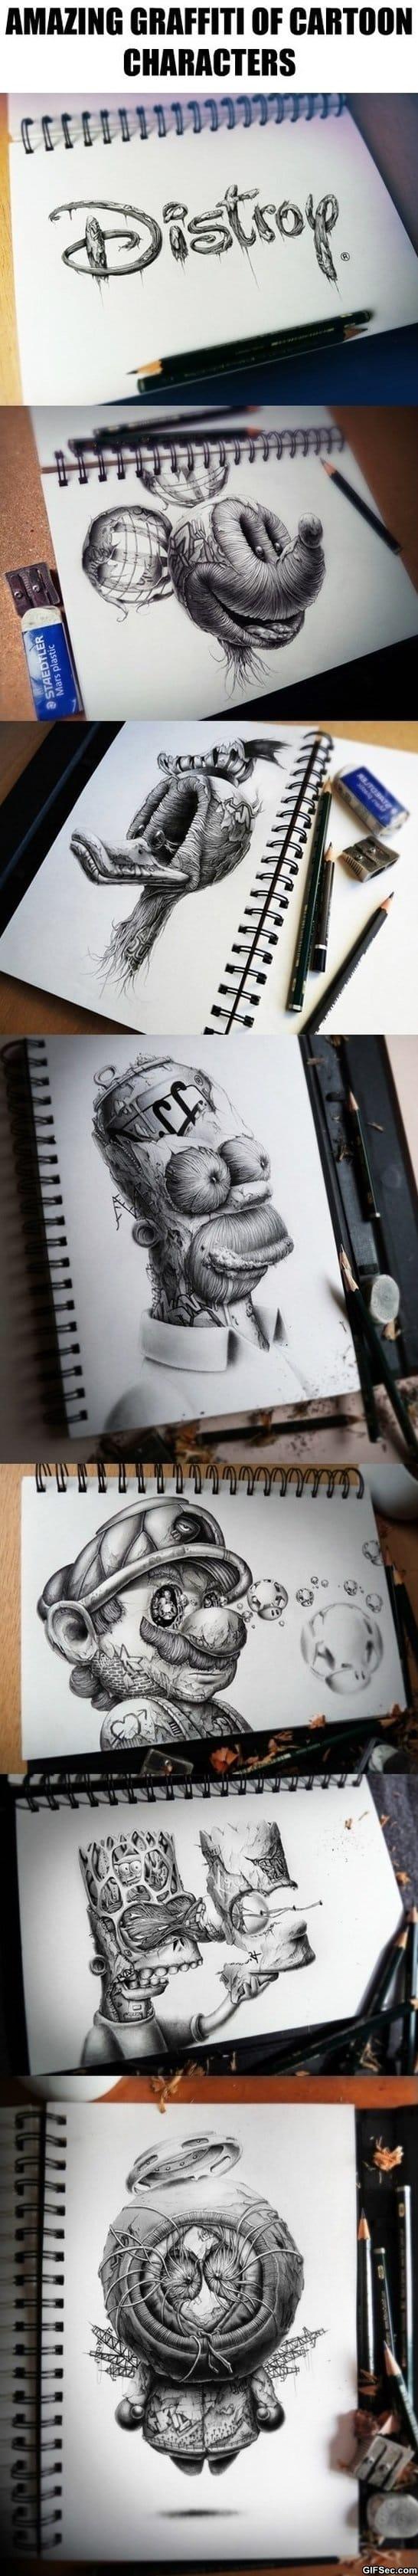 funny-lol-amazing-graffiti-of-cartoon-characters